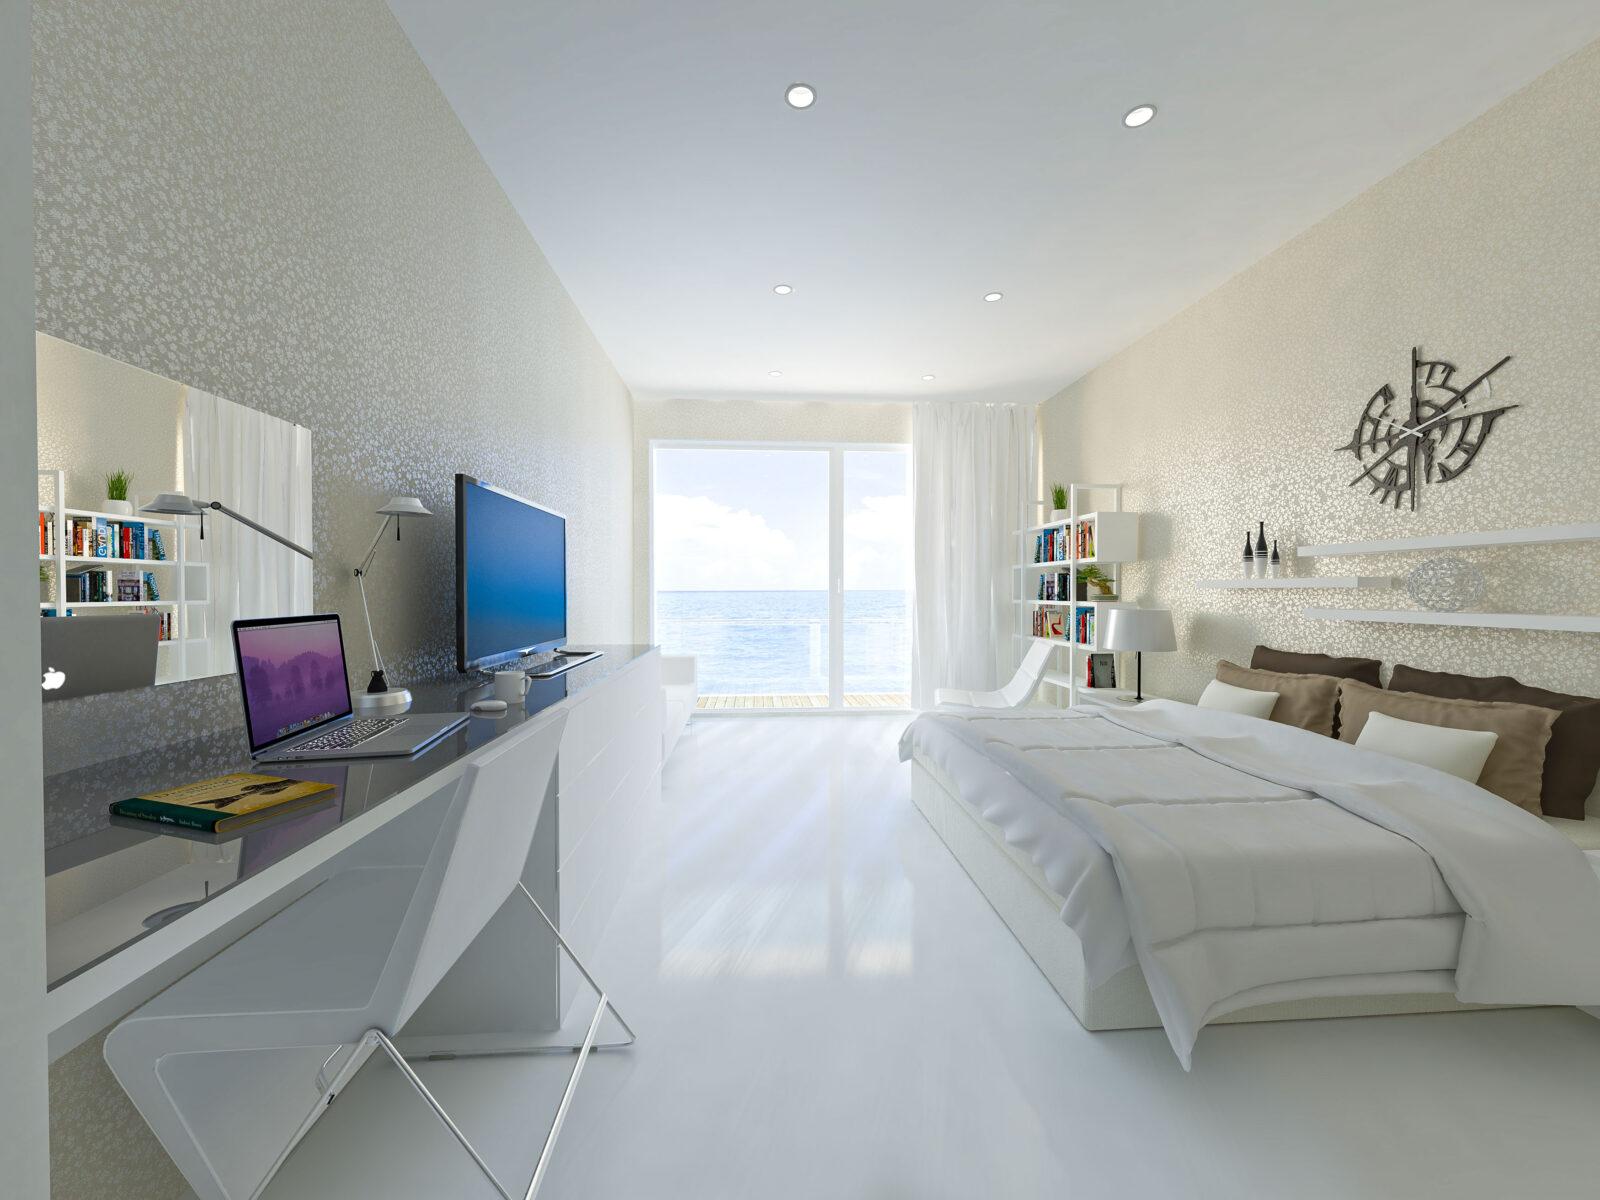 Weißes Hotelzimmer mit Decko